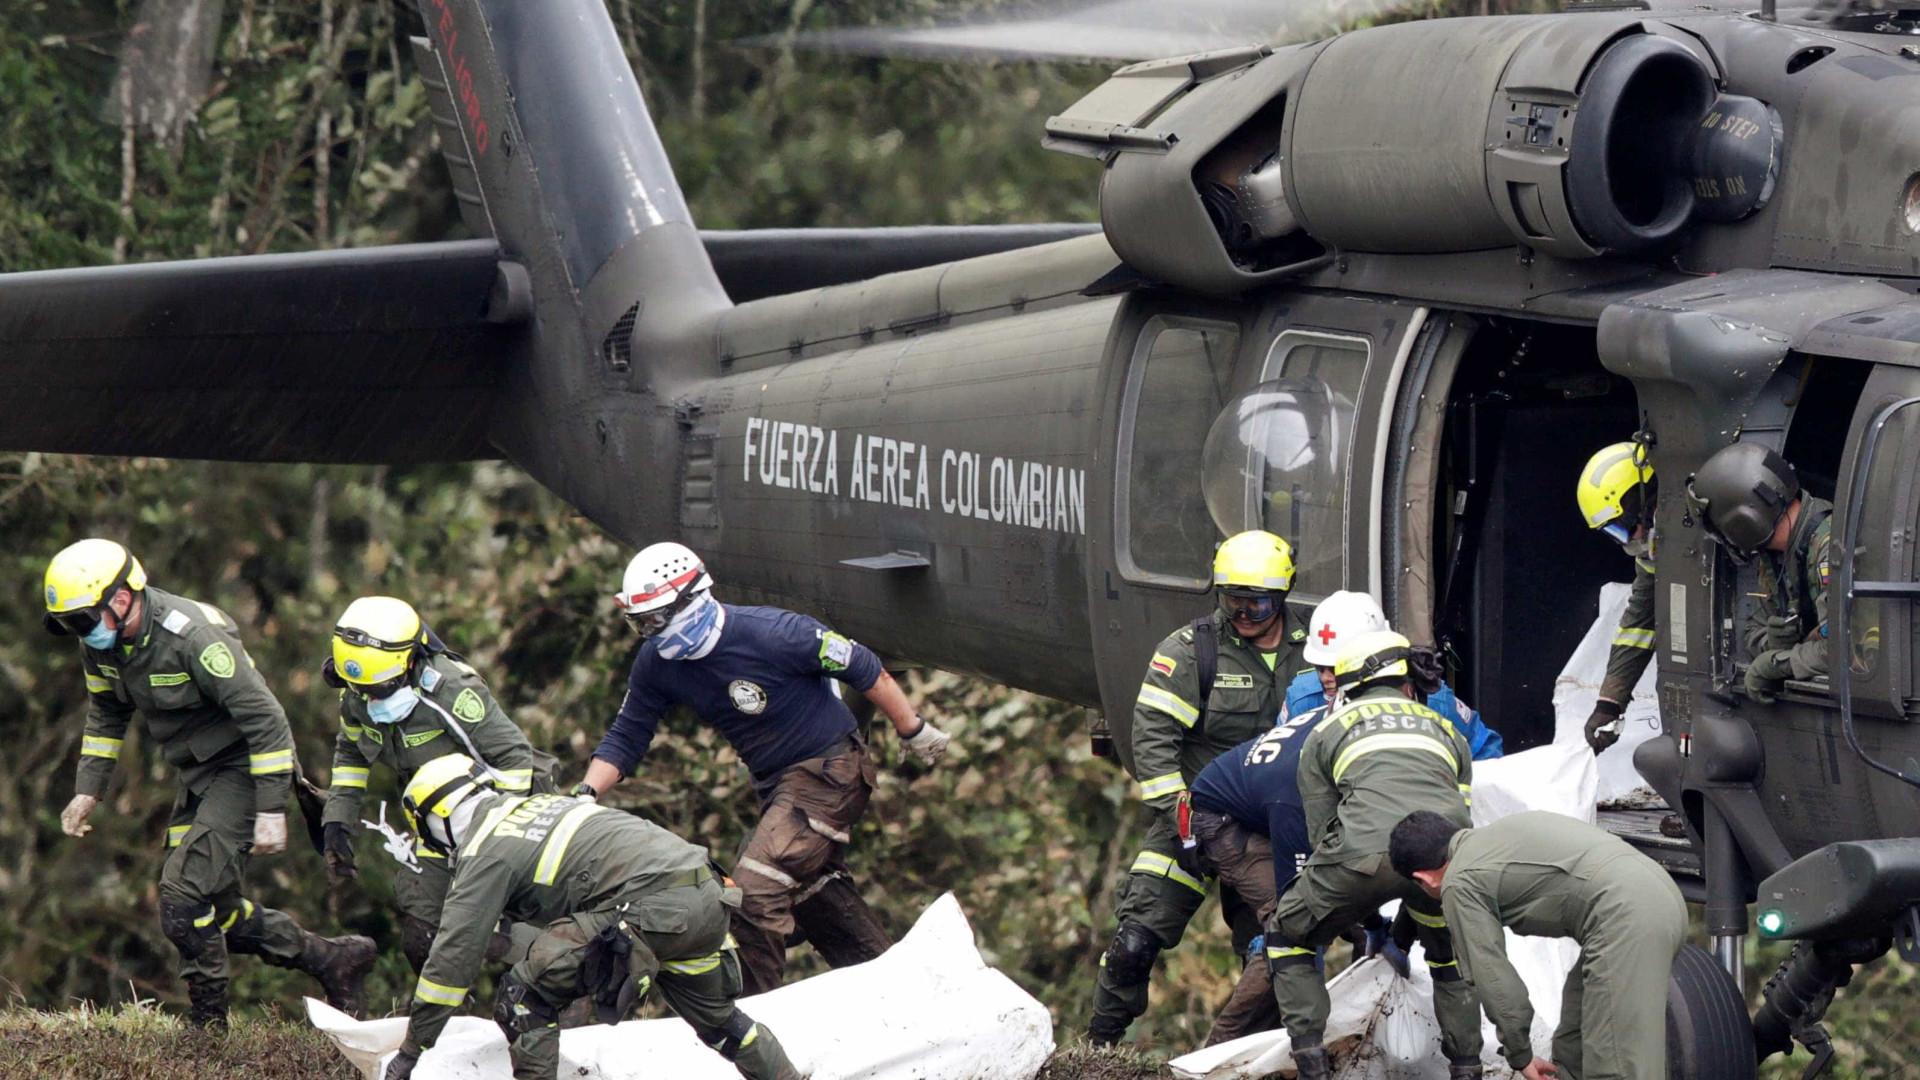 Colômbia: Funcionária alertou que combustível no avião era insuficiente